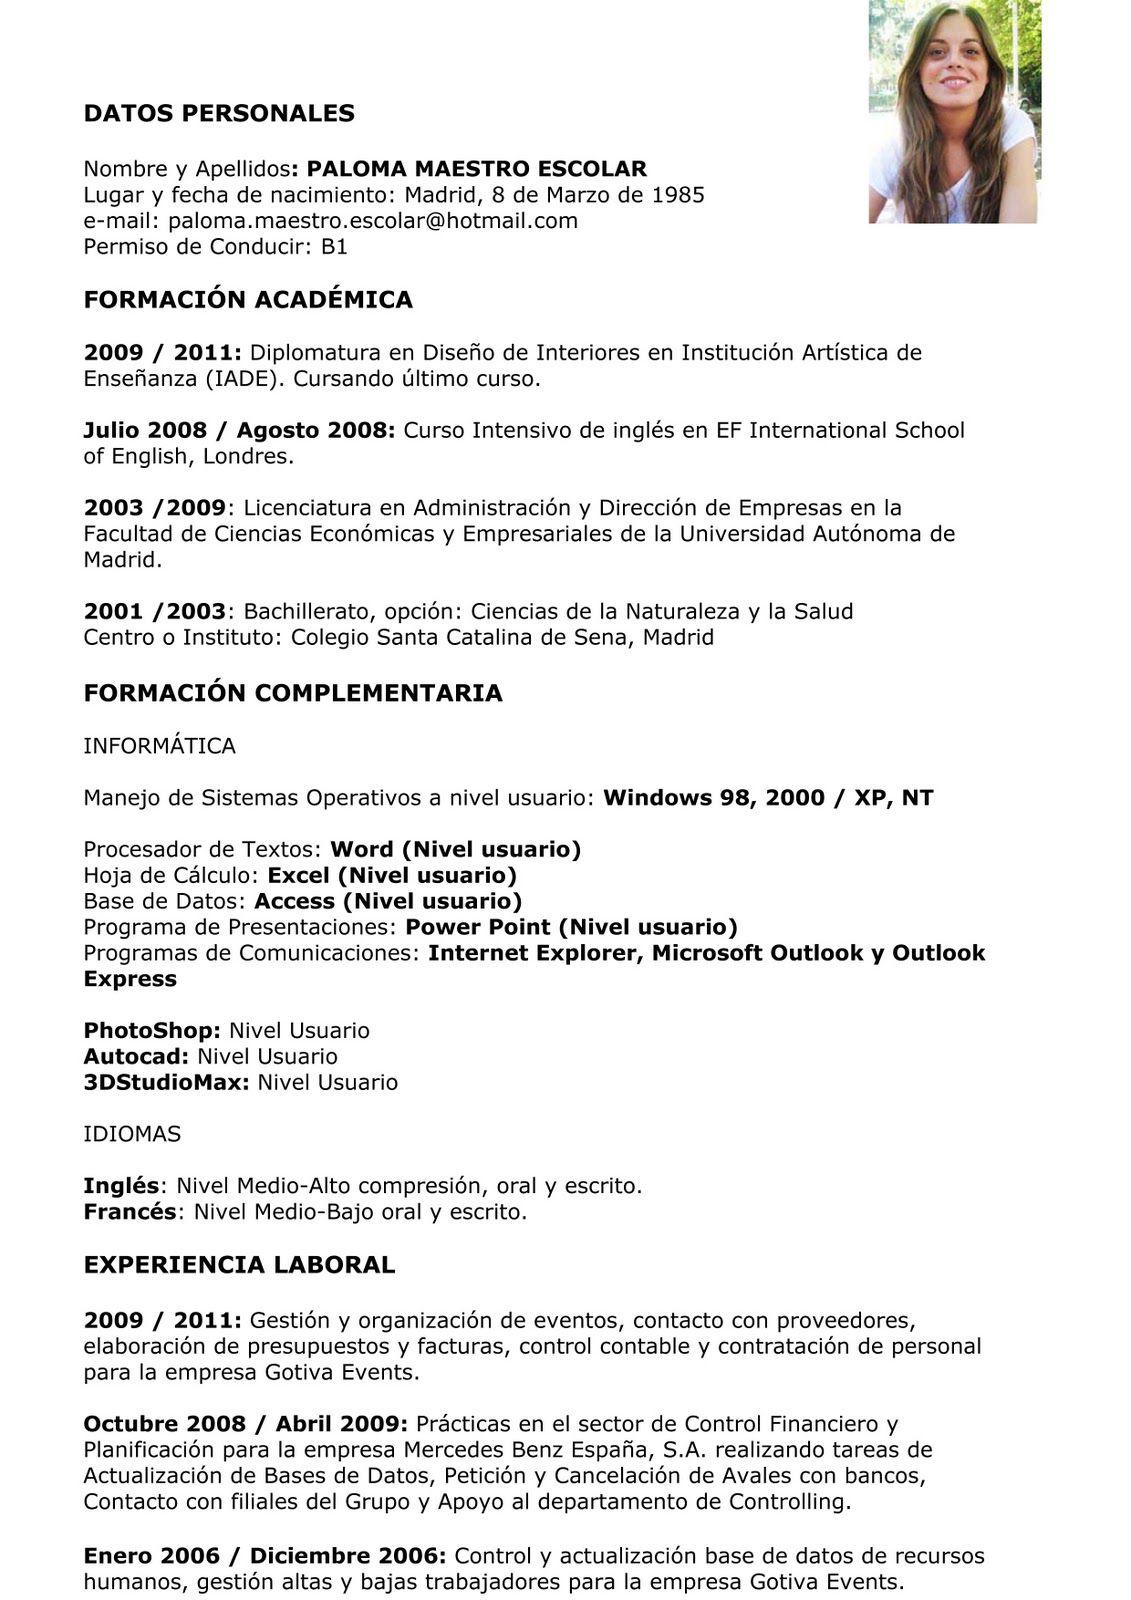 modelos de Curriculum-vitae.jpg (1131×1600) | soil | Pinterest | Modelo